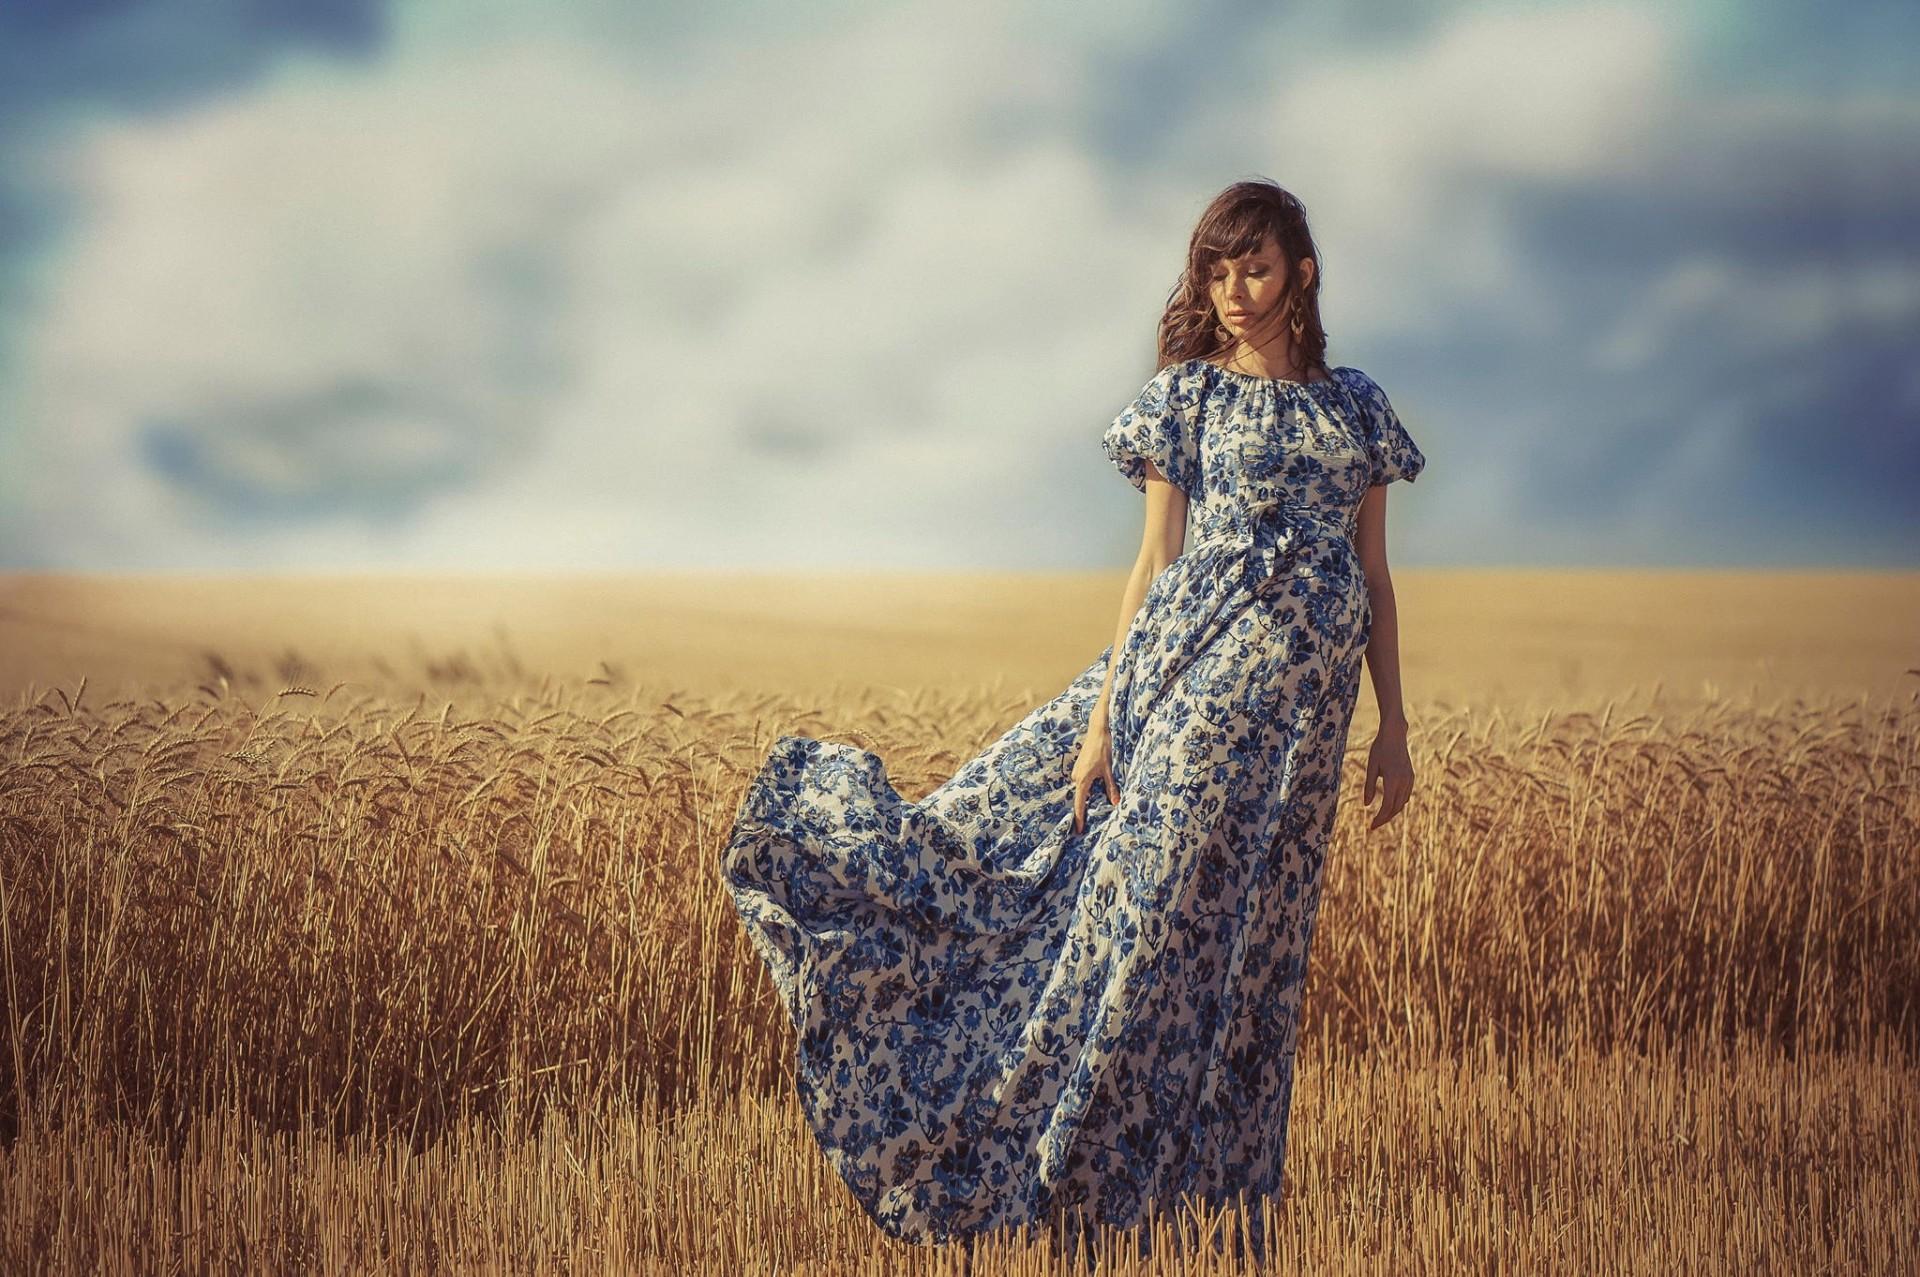 Девушка в поле с колосьями  № 1822176 бесплатно